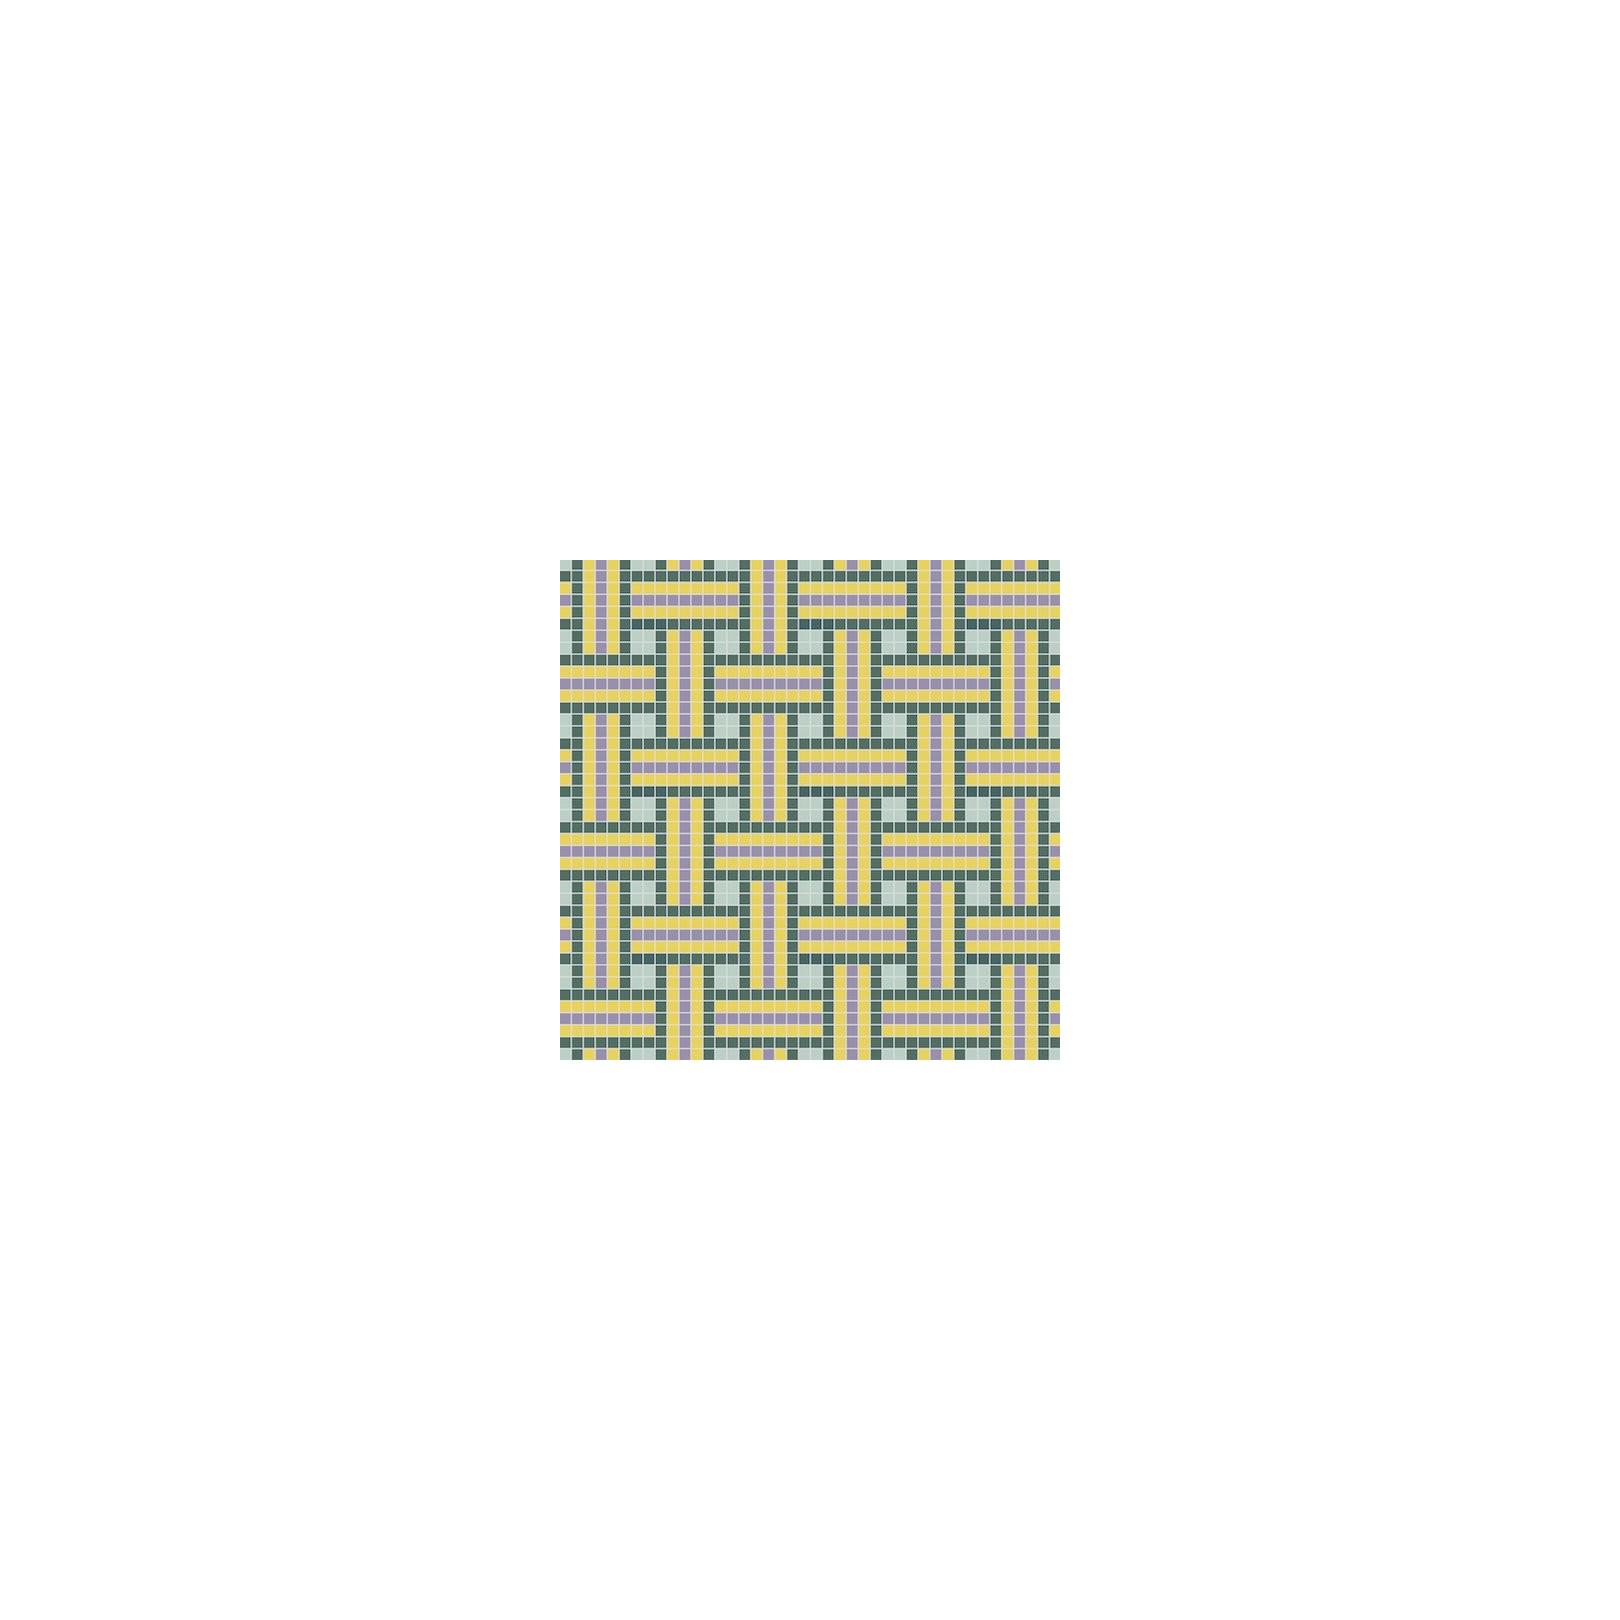 Mosaïque 2,5x2,5cm motif géométrique Palm Springs Sycamore (2 couleurs)